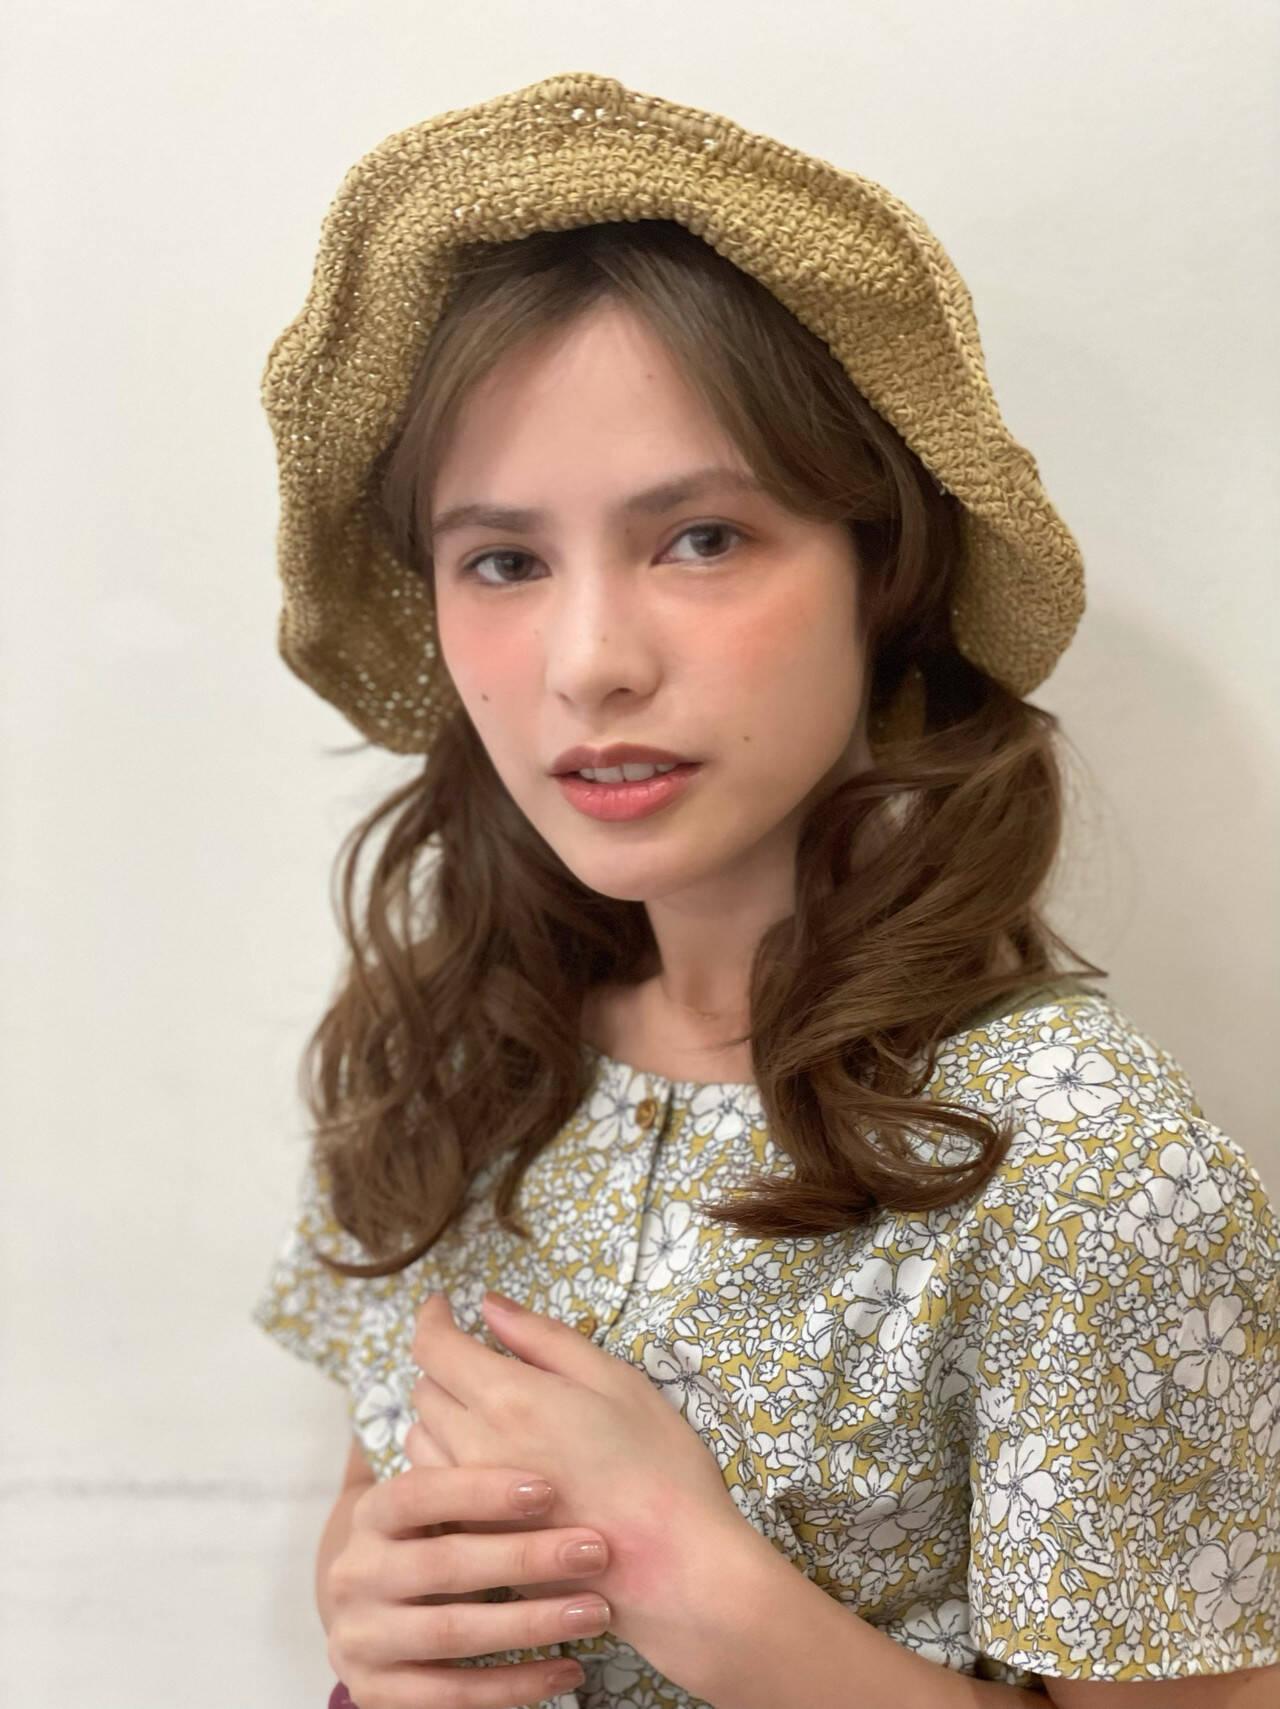 ナチュラル ヘアアレンジ 麦わら帽子 大人かわいいヘアスタイルや髪型の写真・画像